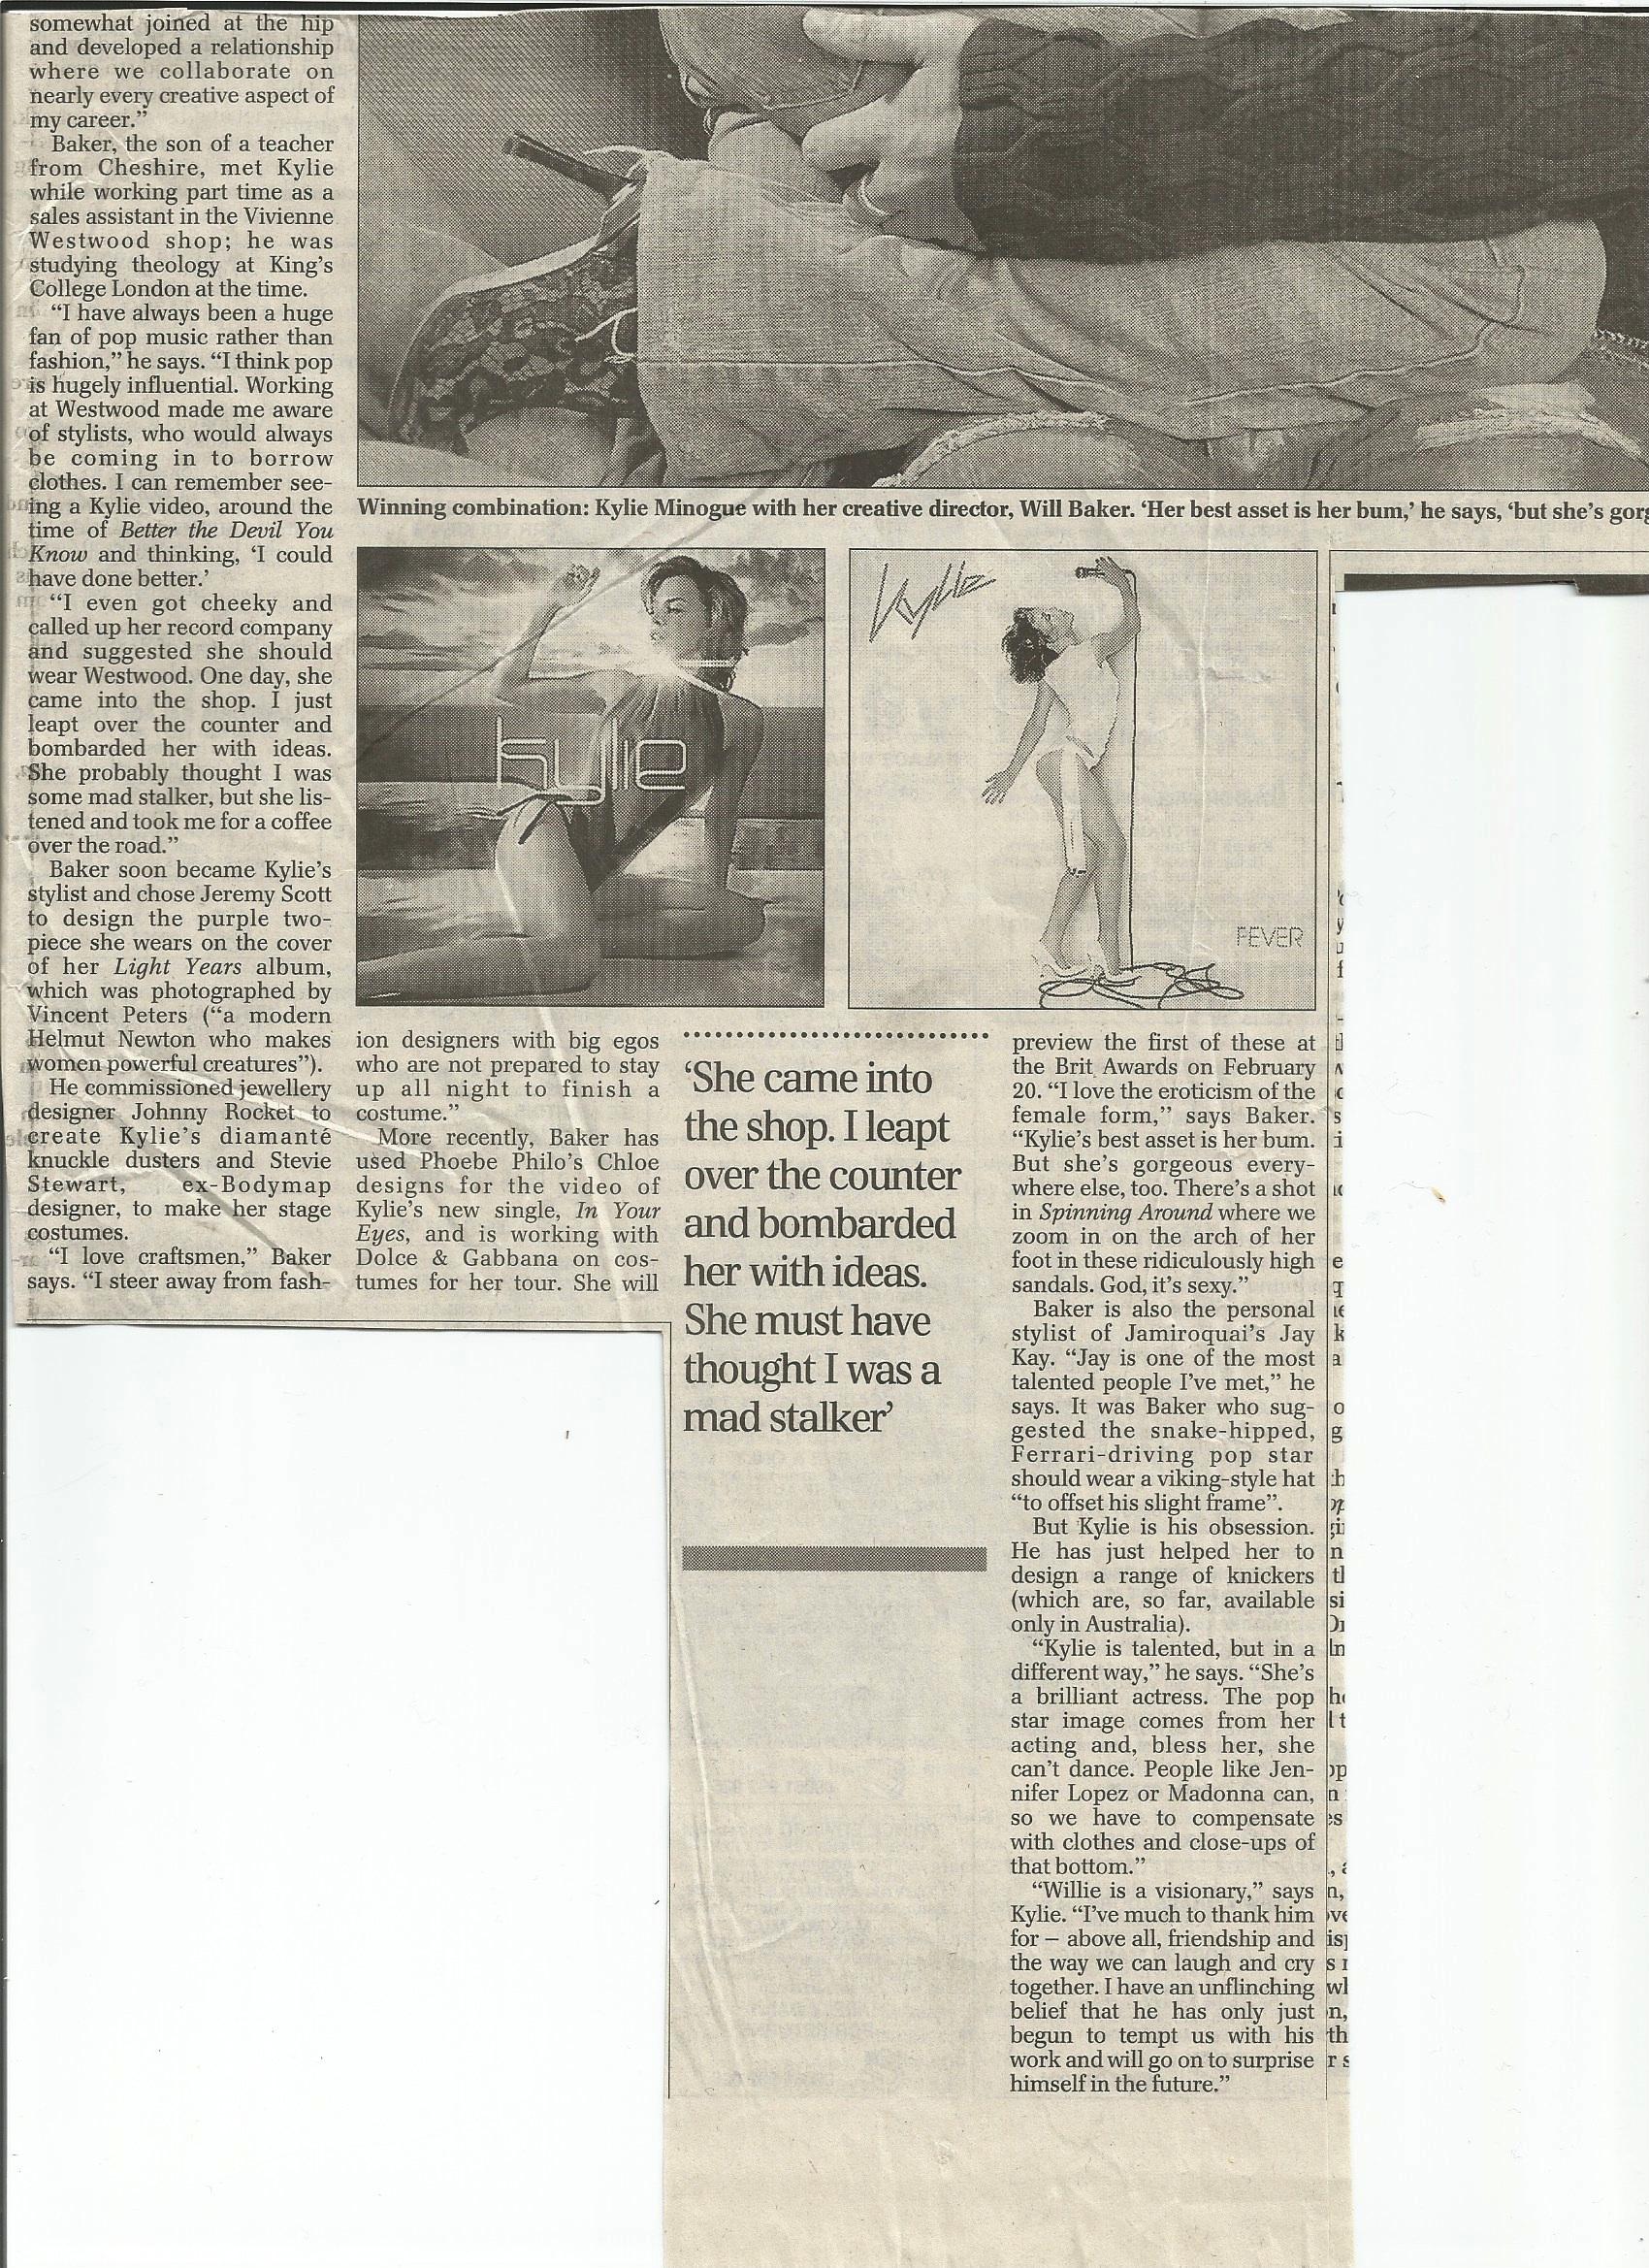 Julia-Robson-Kylie-Minogue-dress designer-Will-Baker-Telegraph-2002-1(of2)